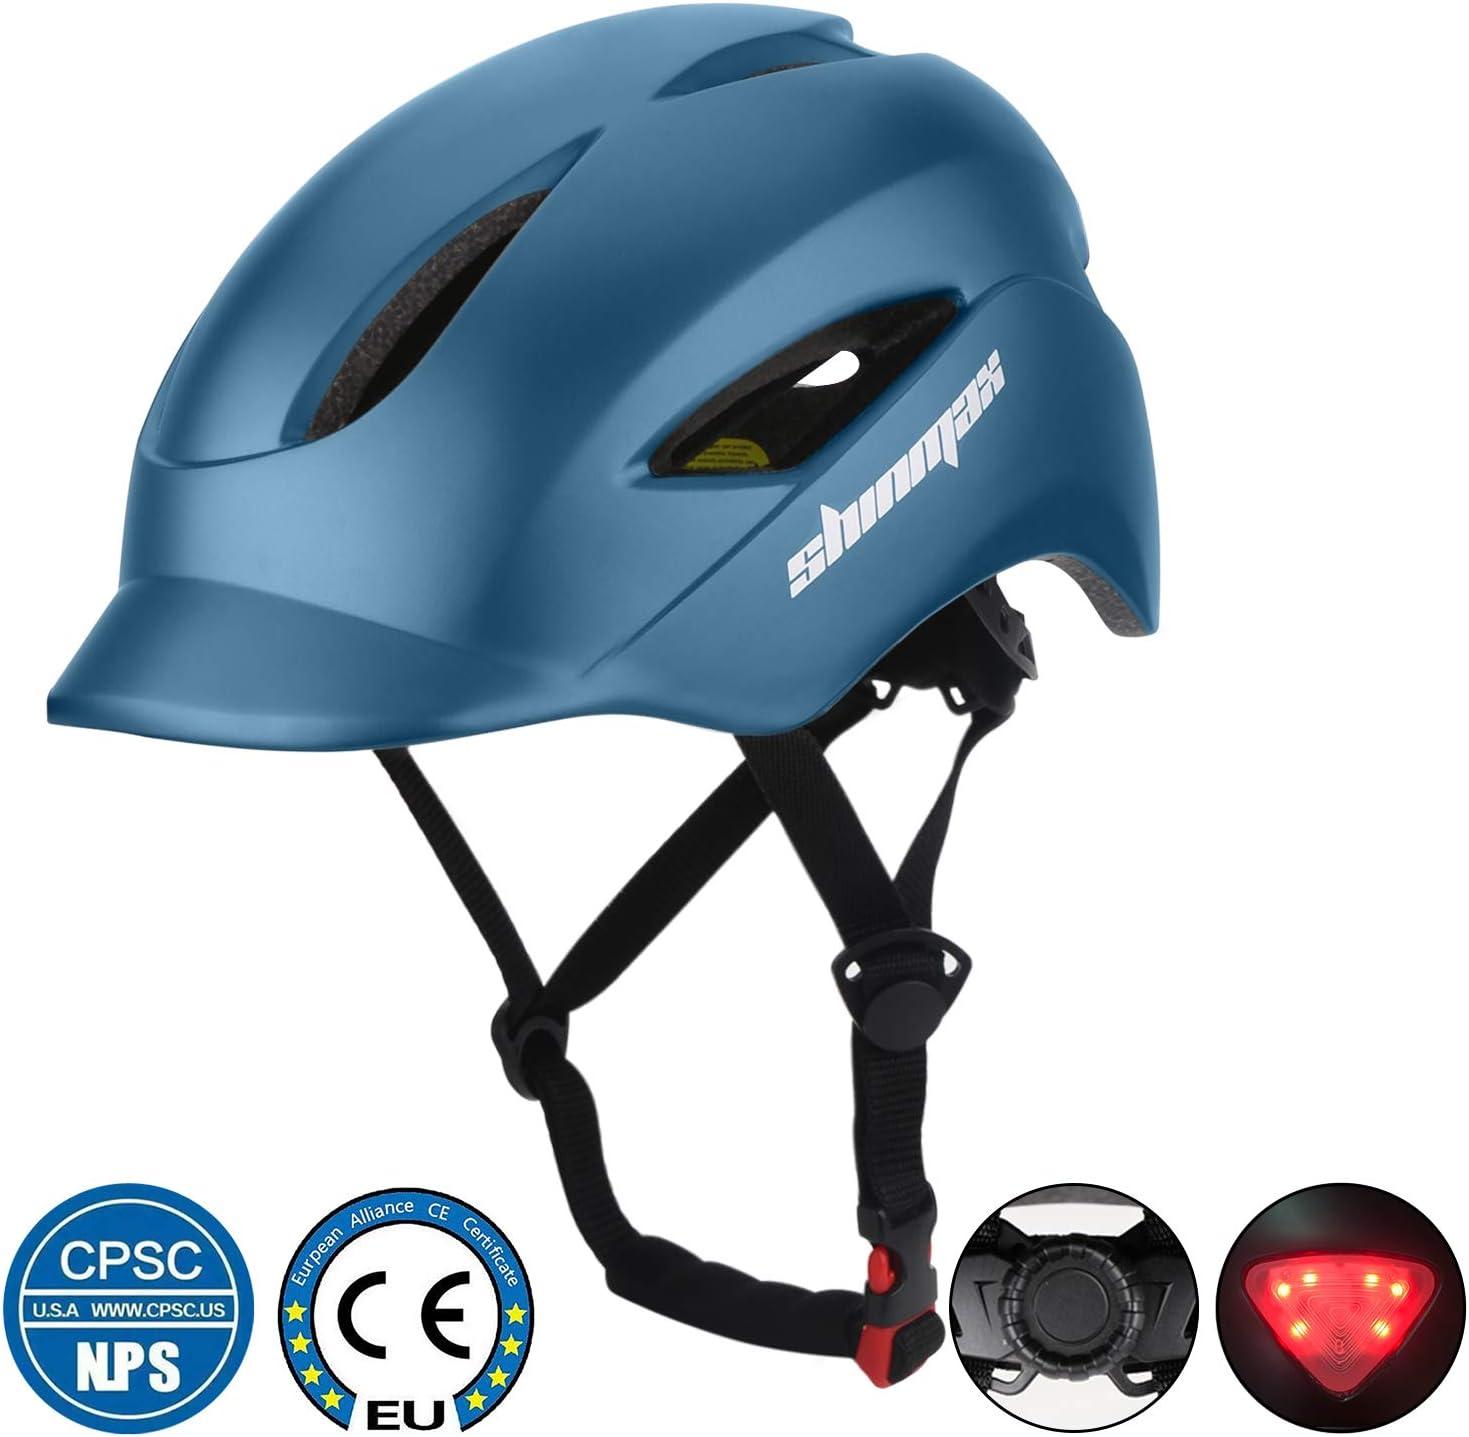 Shinmax Casco de Bicicleta con Casco de Bicicleta Certificado CE y Casco de Seguridad Trasero Ligero y Ajustable para Hombres y Mujeres Adultos, montaña/Carretera/Paseo